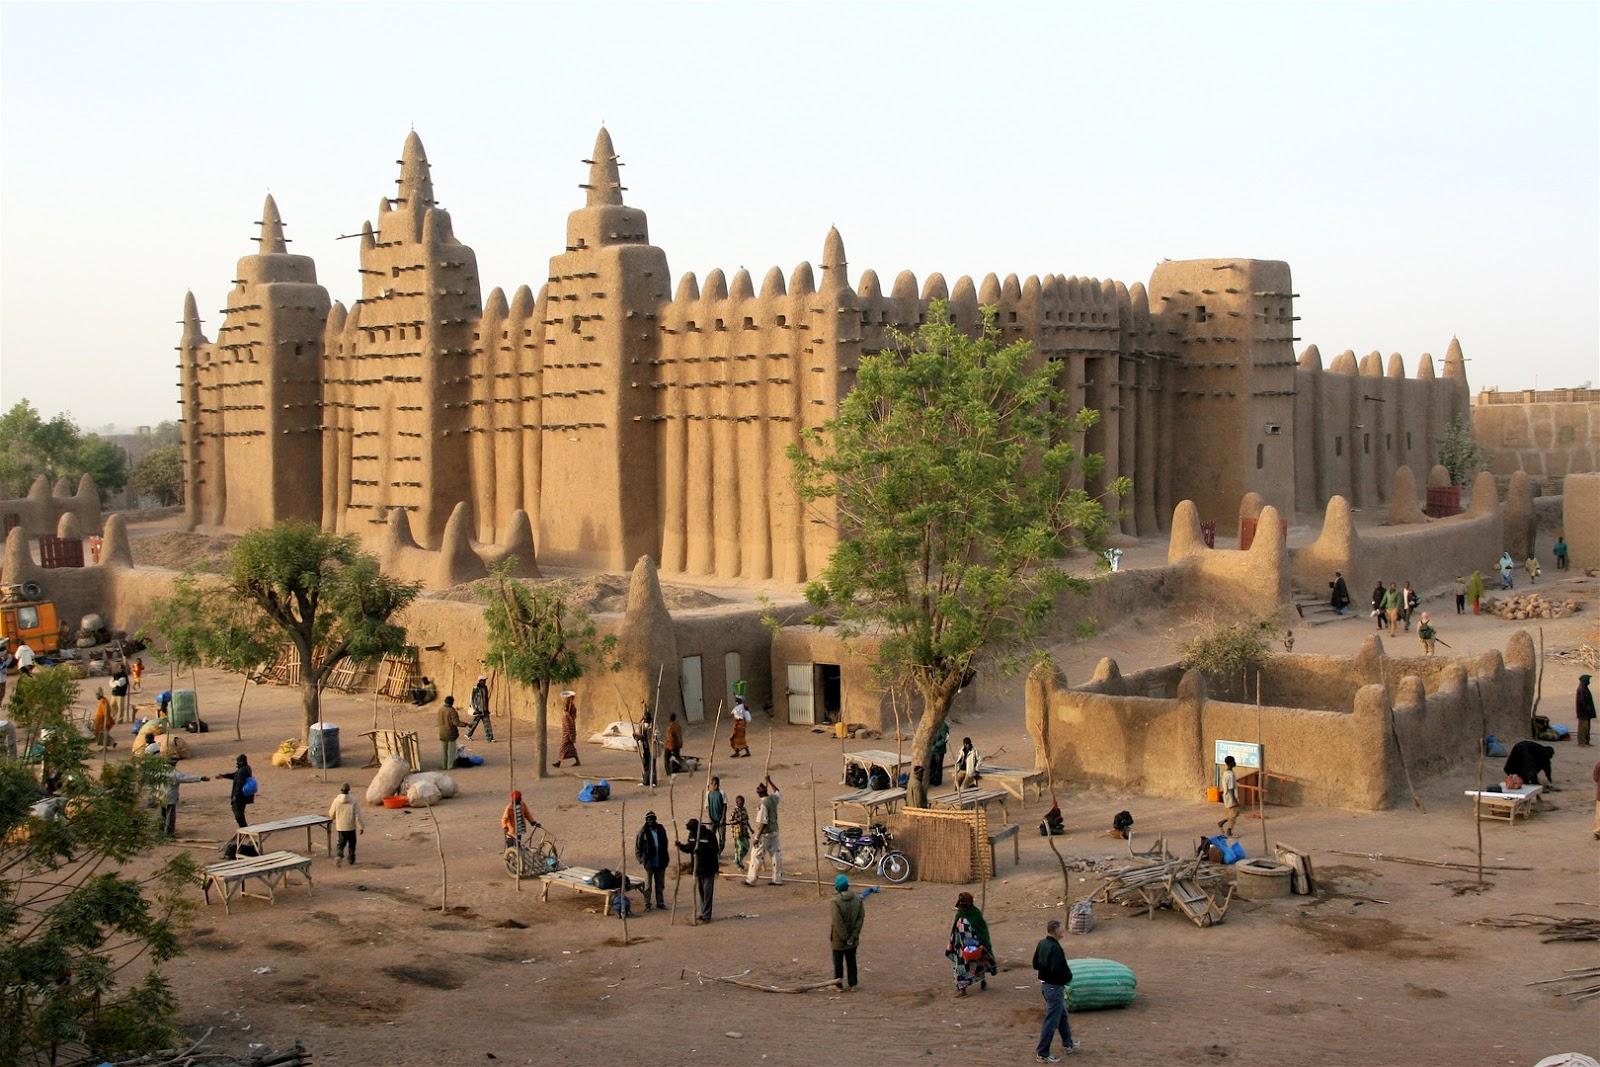 Град Тимбукту е едно от най-впечатляващите и посещавани места в Мали.